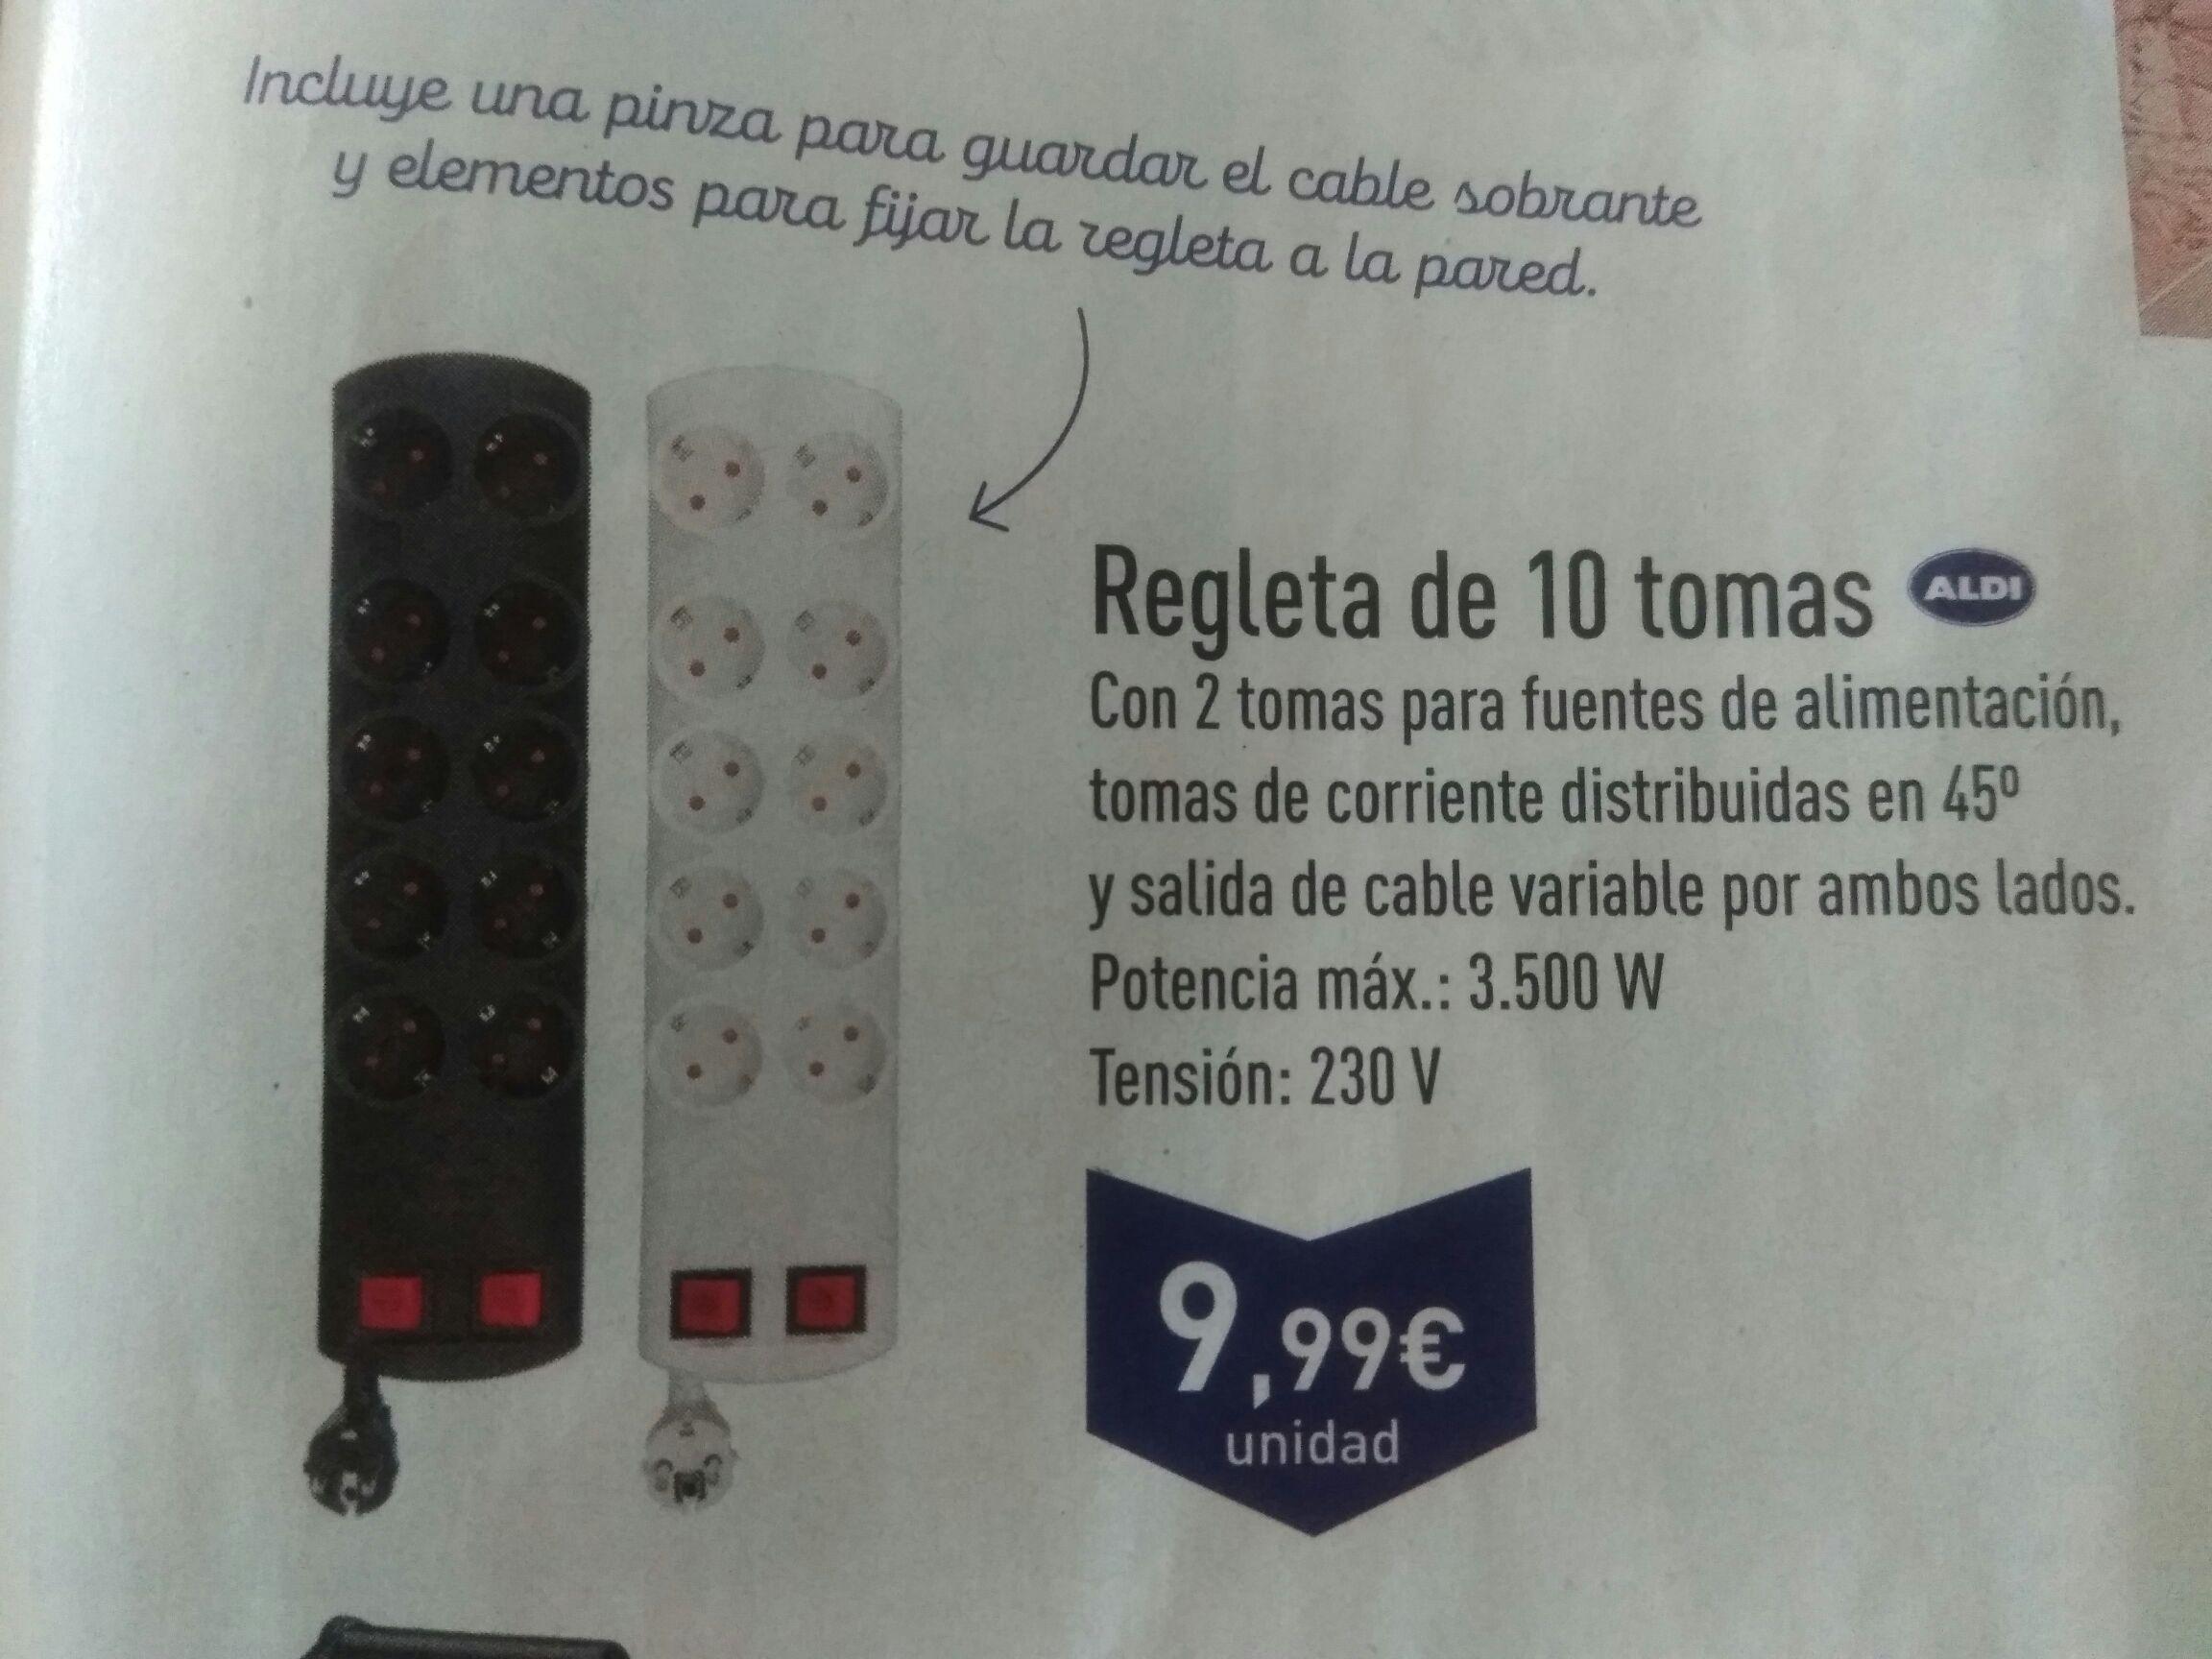 Regleta de enchufe de 10 tomas, 3500W Supermercados Aldi